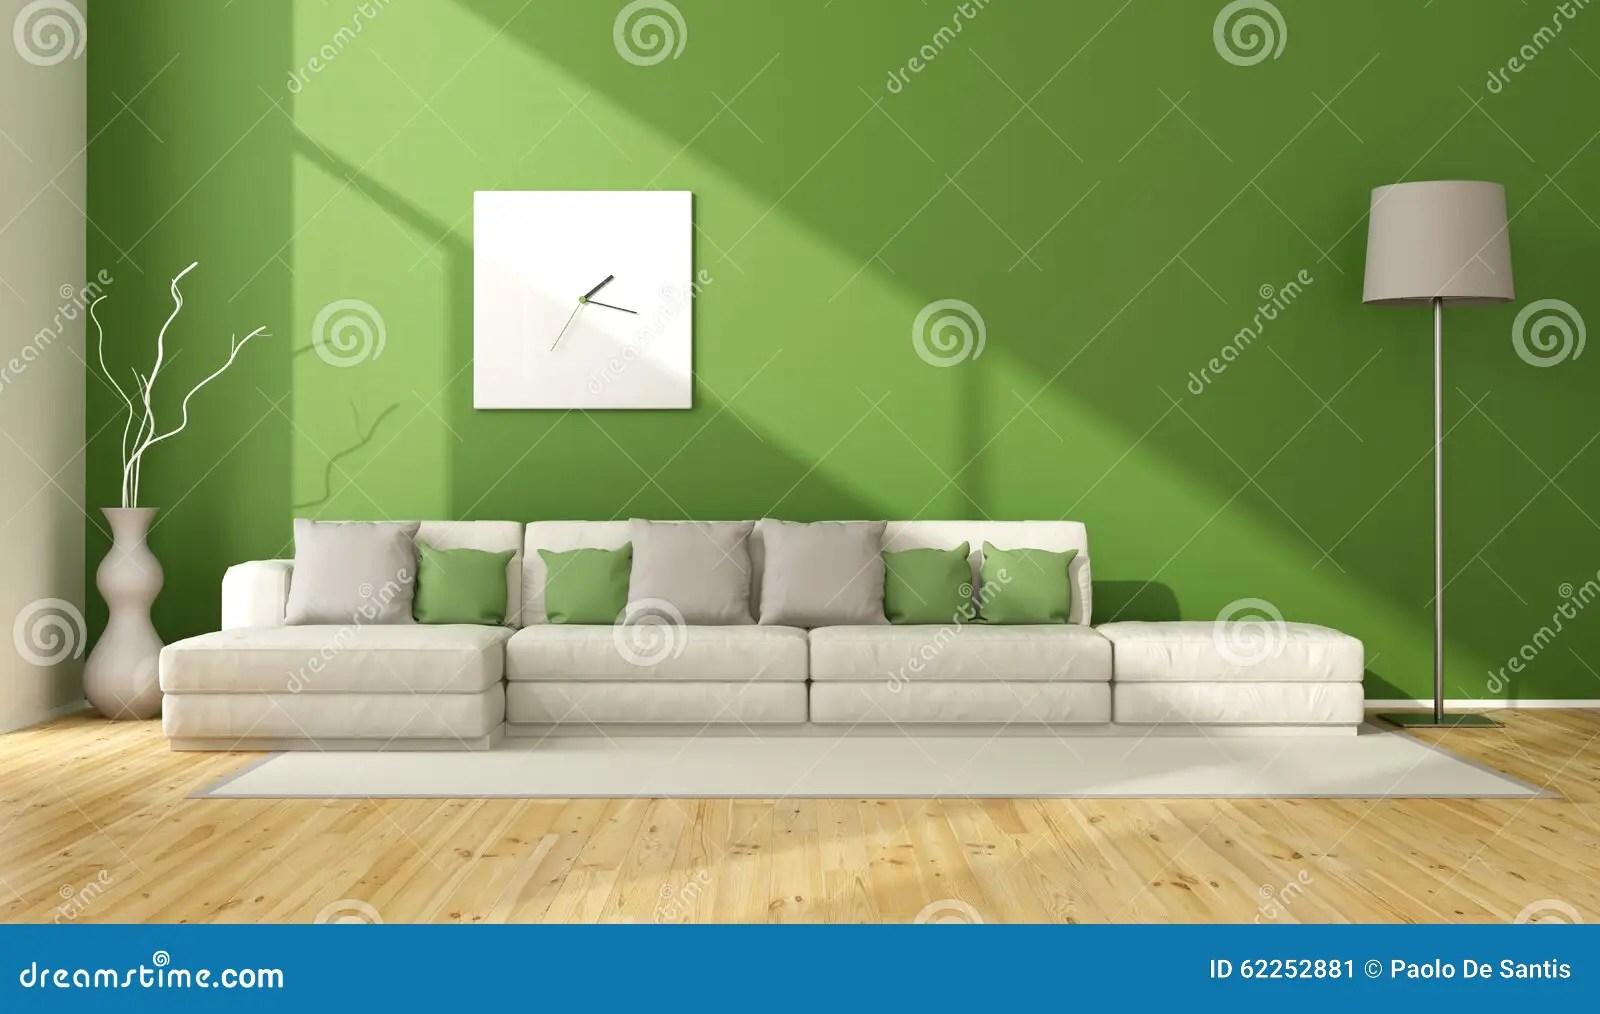 Zeitgenssisches Grnes Wohnzimmer Stock Abbildung  Bild